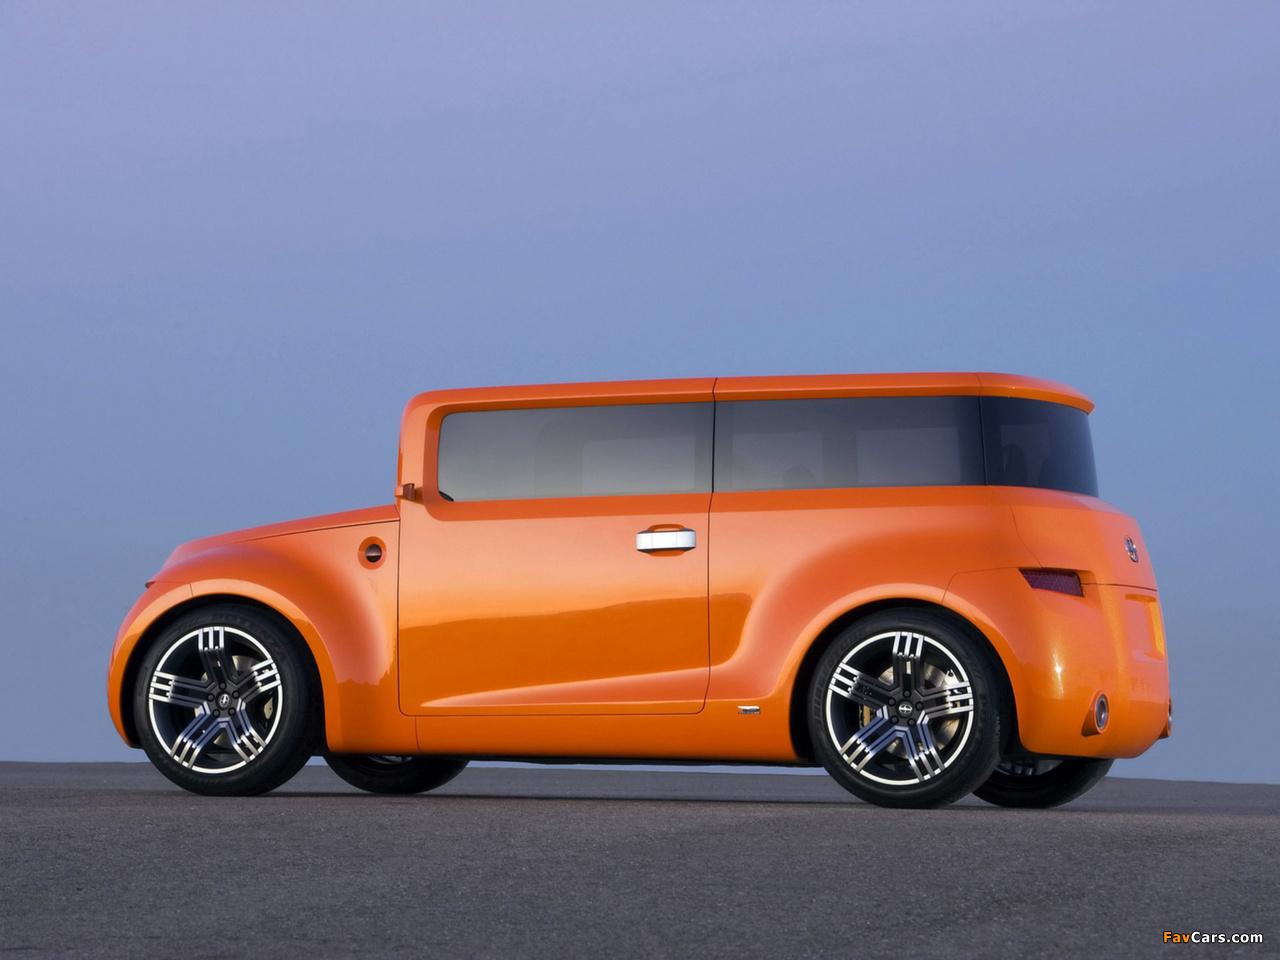 Scion Hako Coupe Concept 2008 images (1280 x 960)